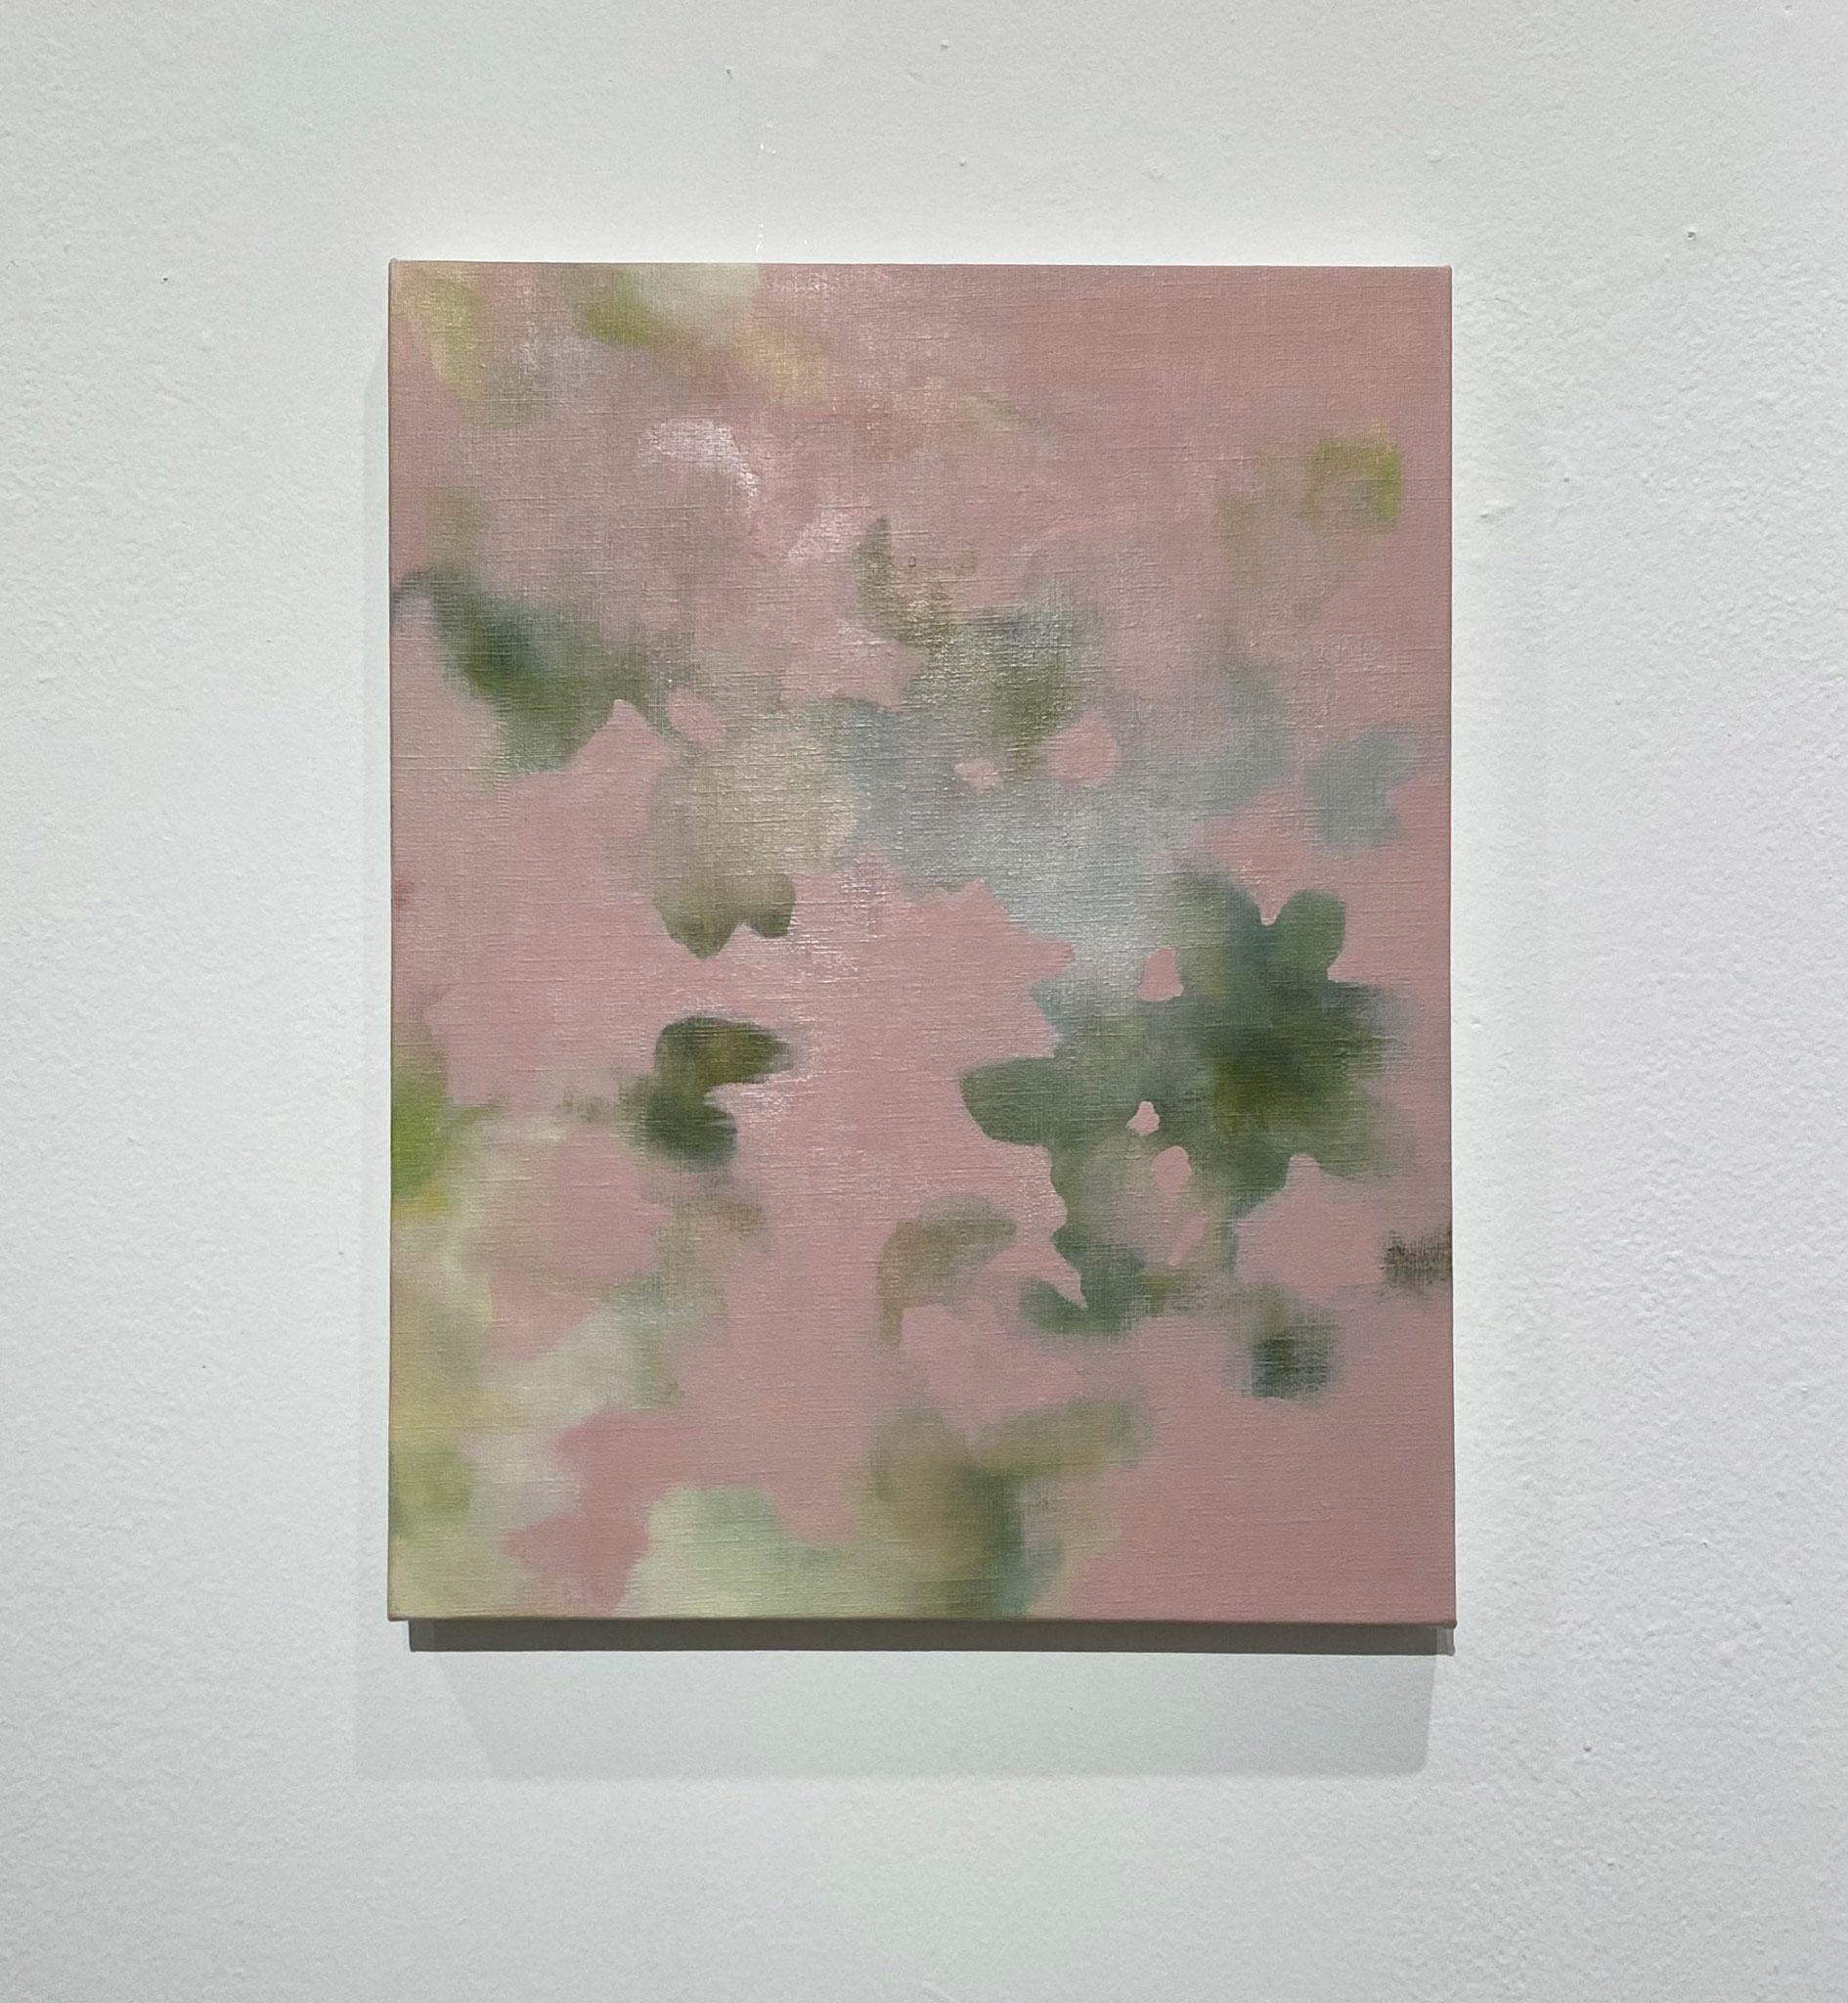 いつくしみひらく,410×318,キャンバス、油彩,2020